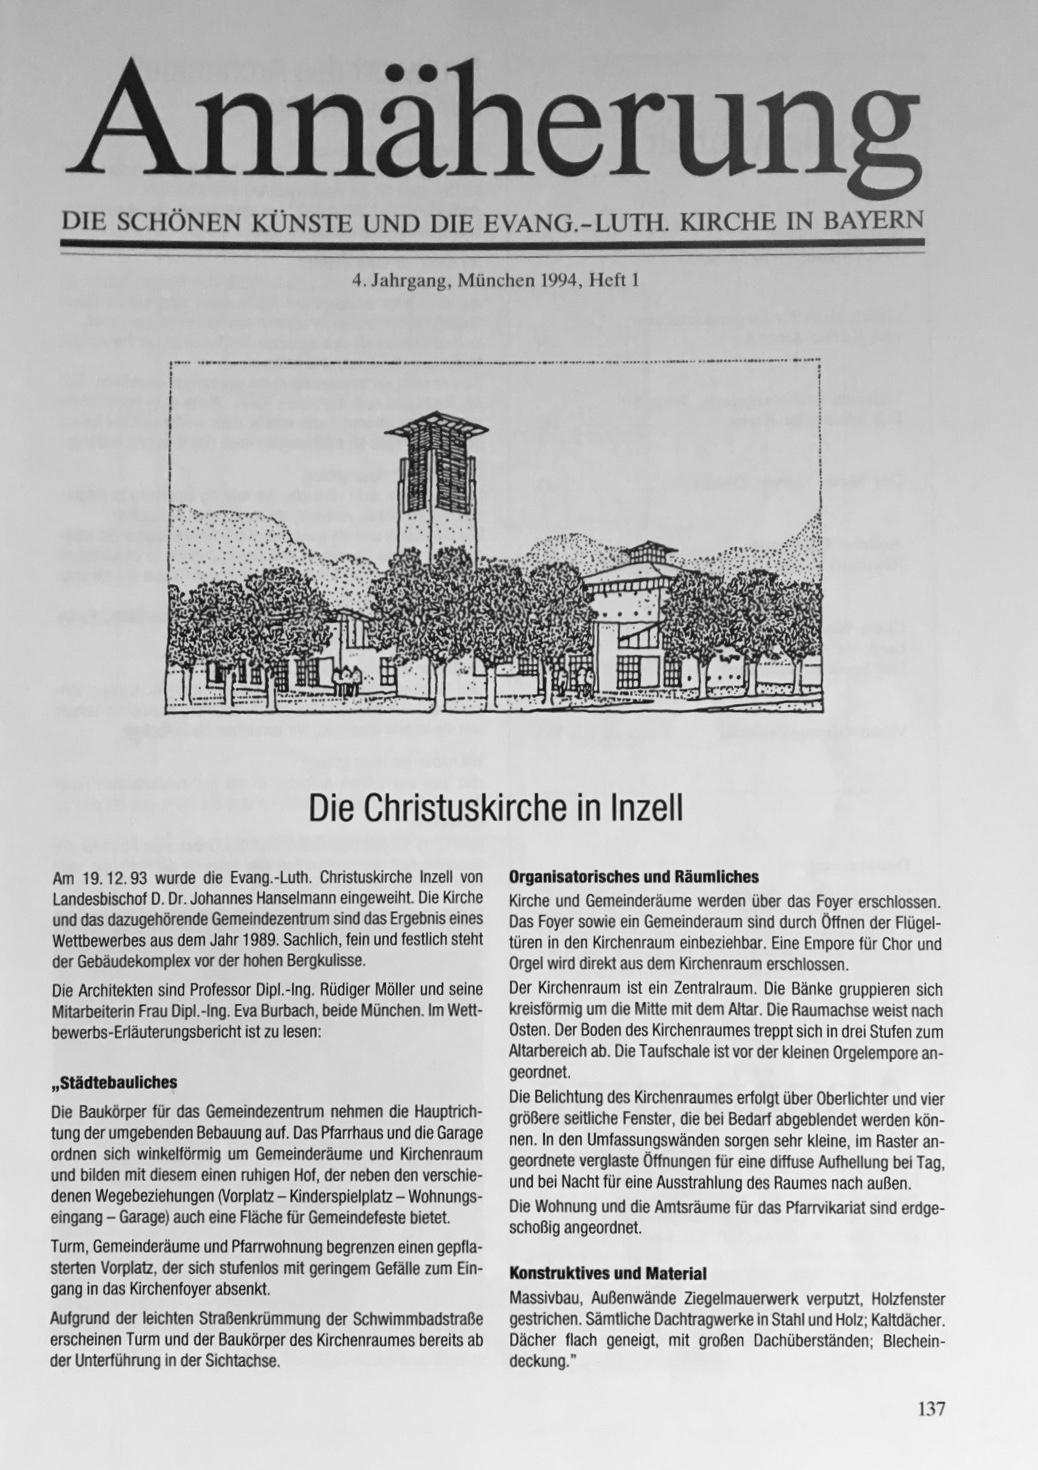 Annäherung - Die schönen Künste und die Evang.-Luth. Kirche in Bayern Heft 1 1994